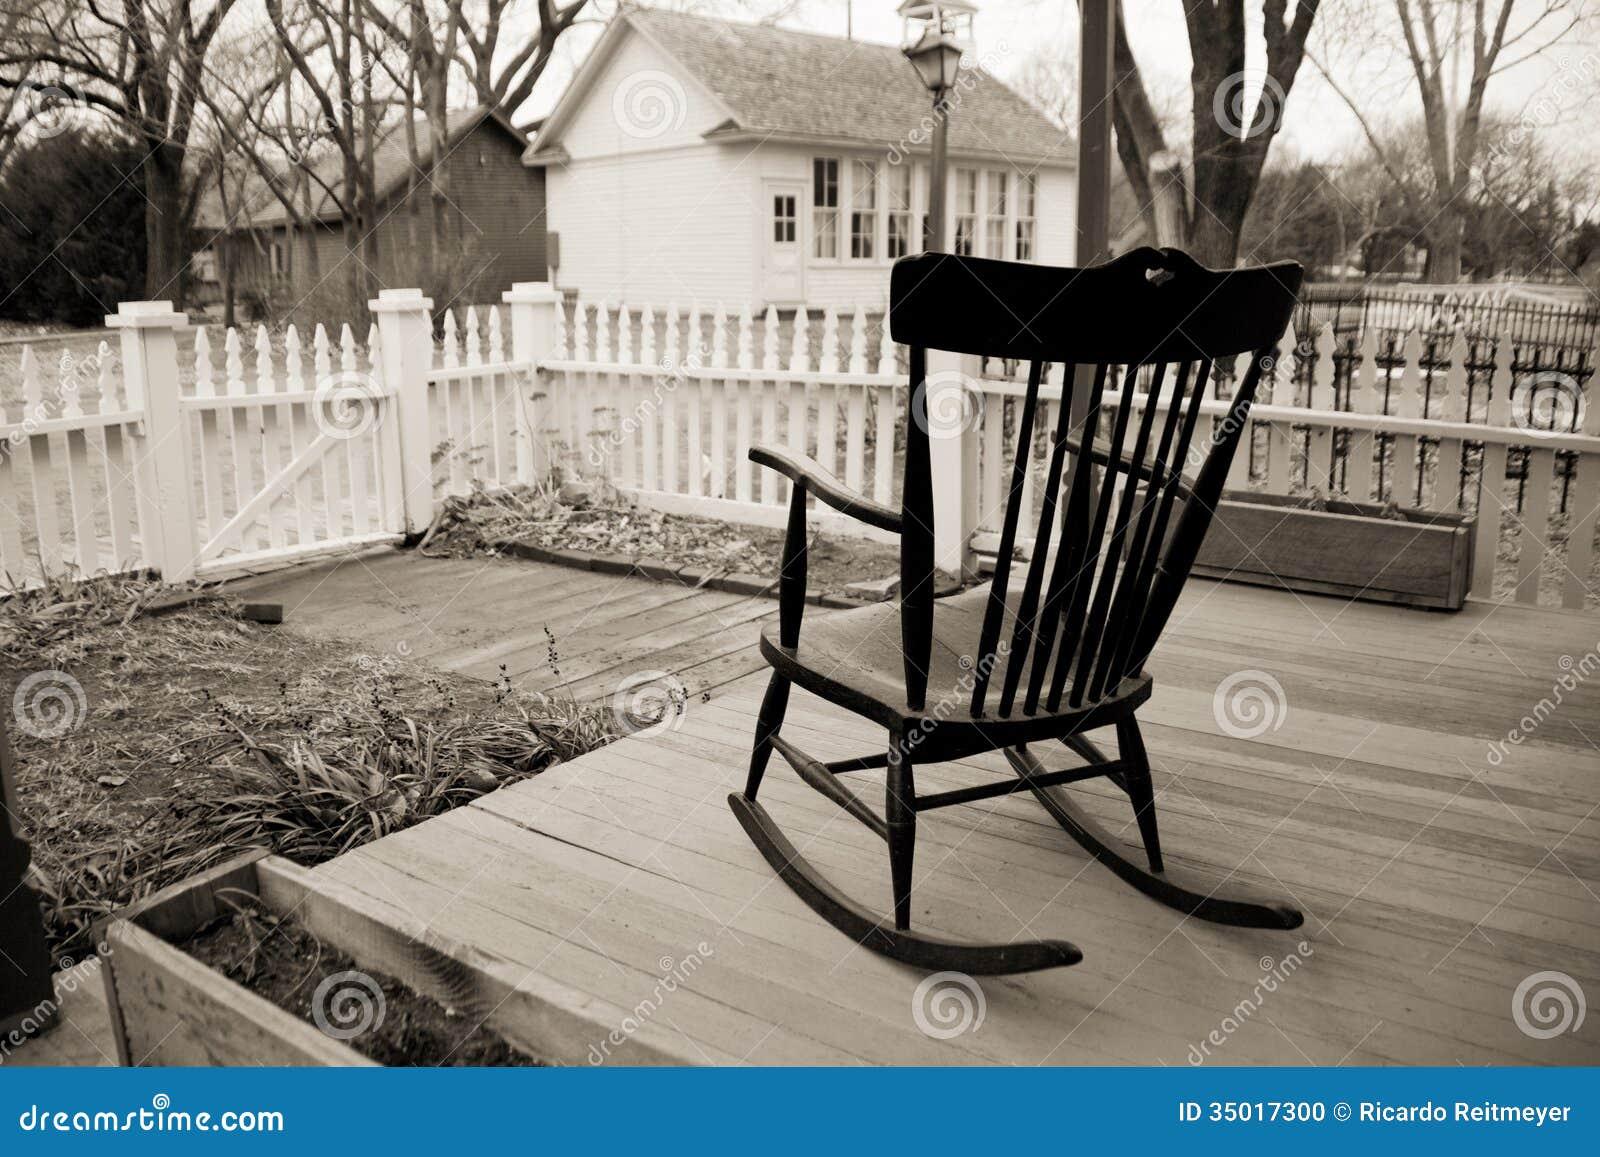 在木门廊的老摇椅与白色尖桩篱栅。